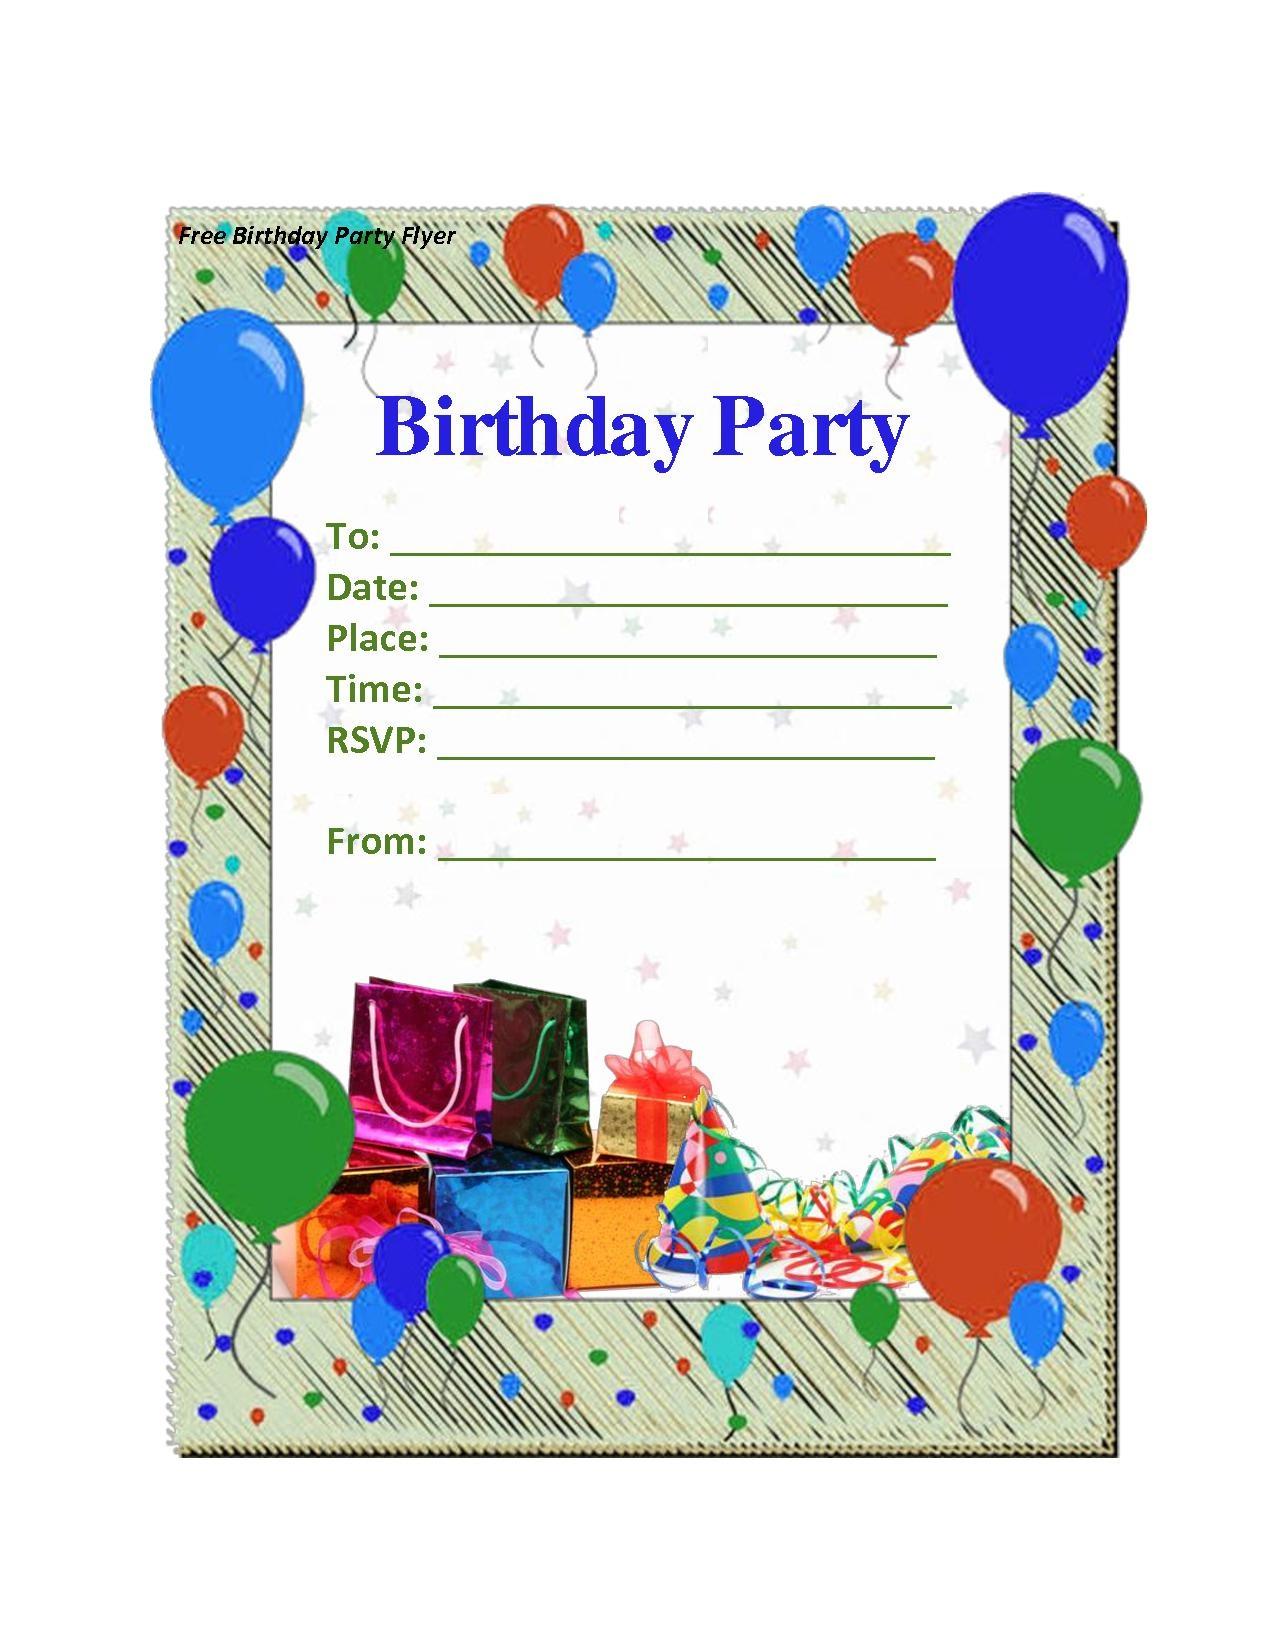 Birthday Party Invitation Maker Free — Birthday Invitation Examples - Make Printable Party Invitations Online Free